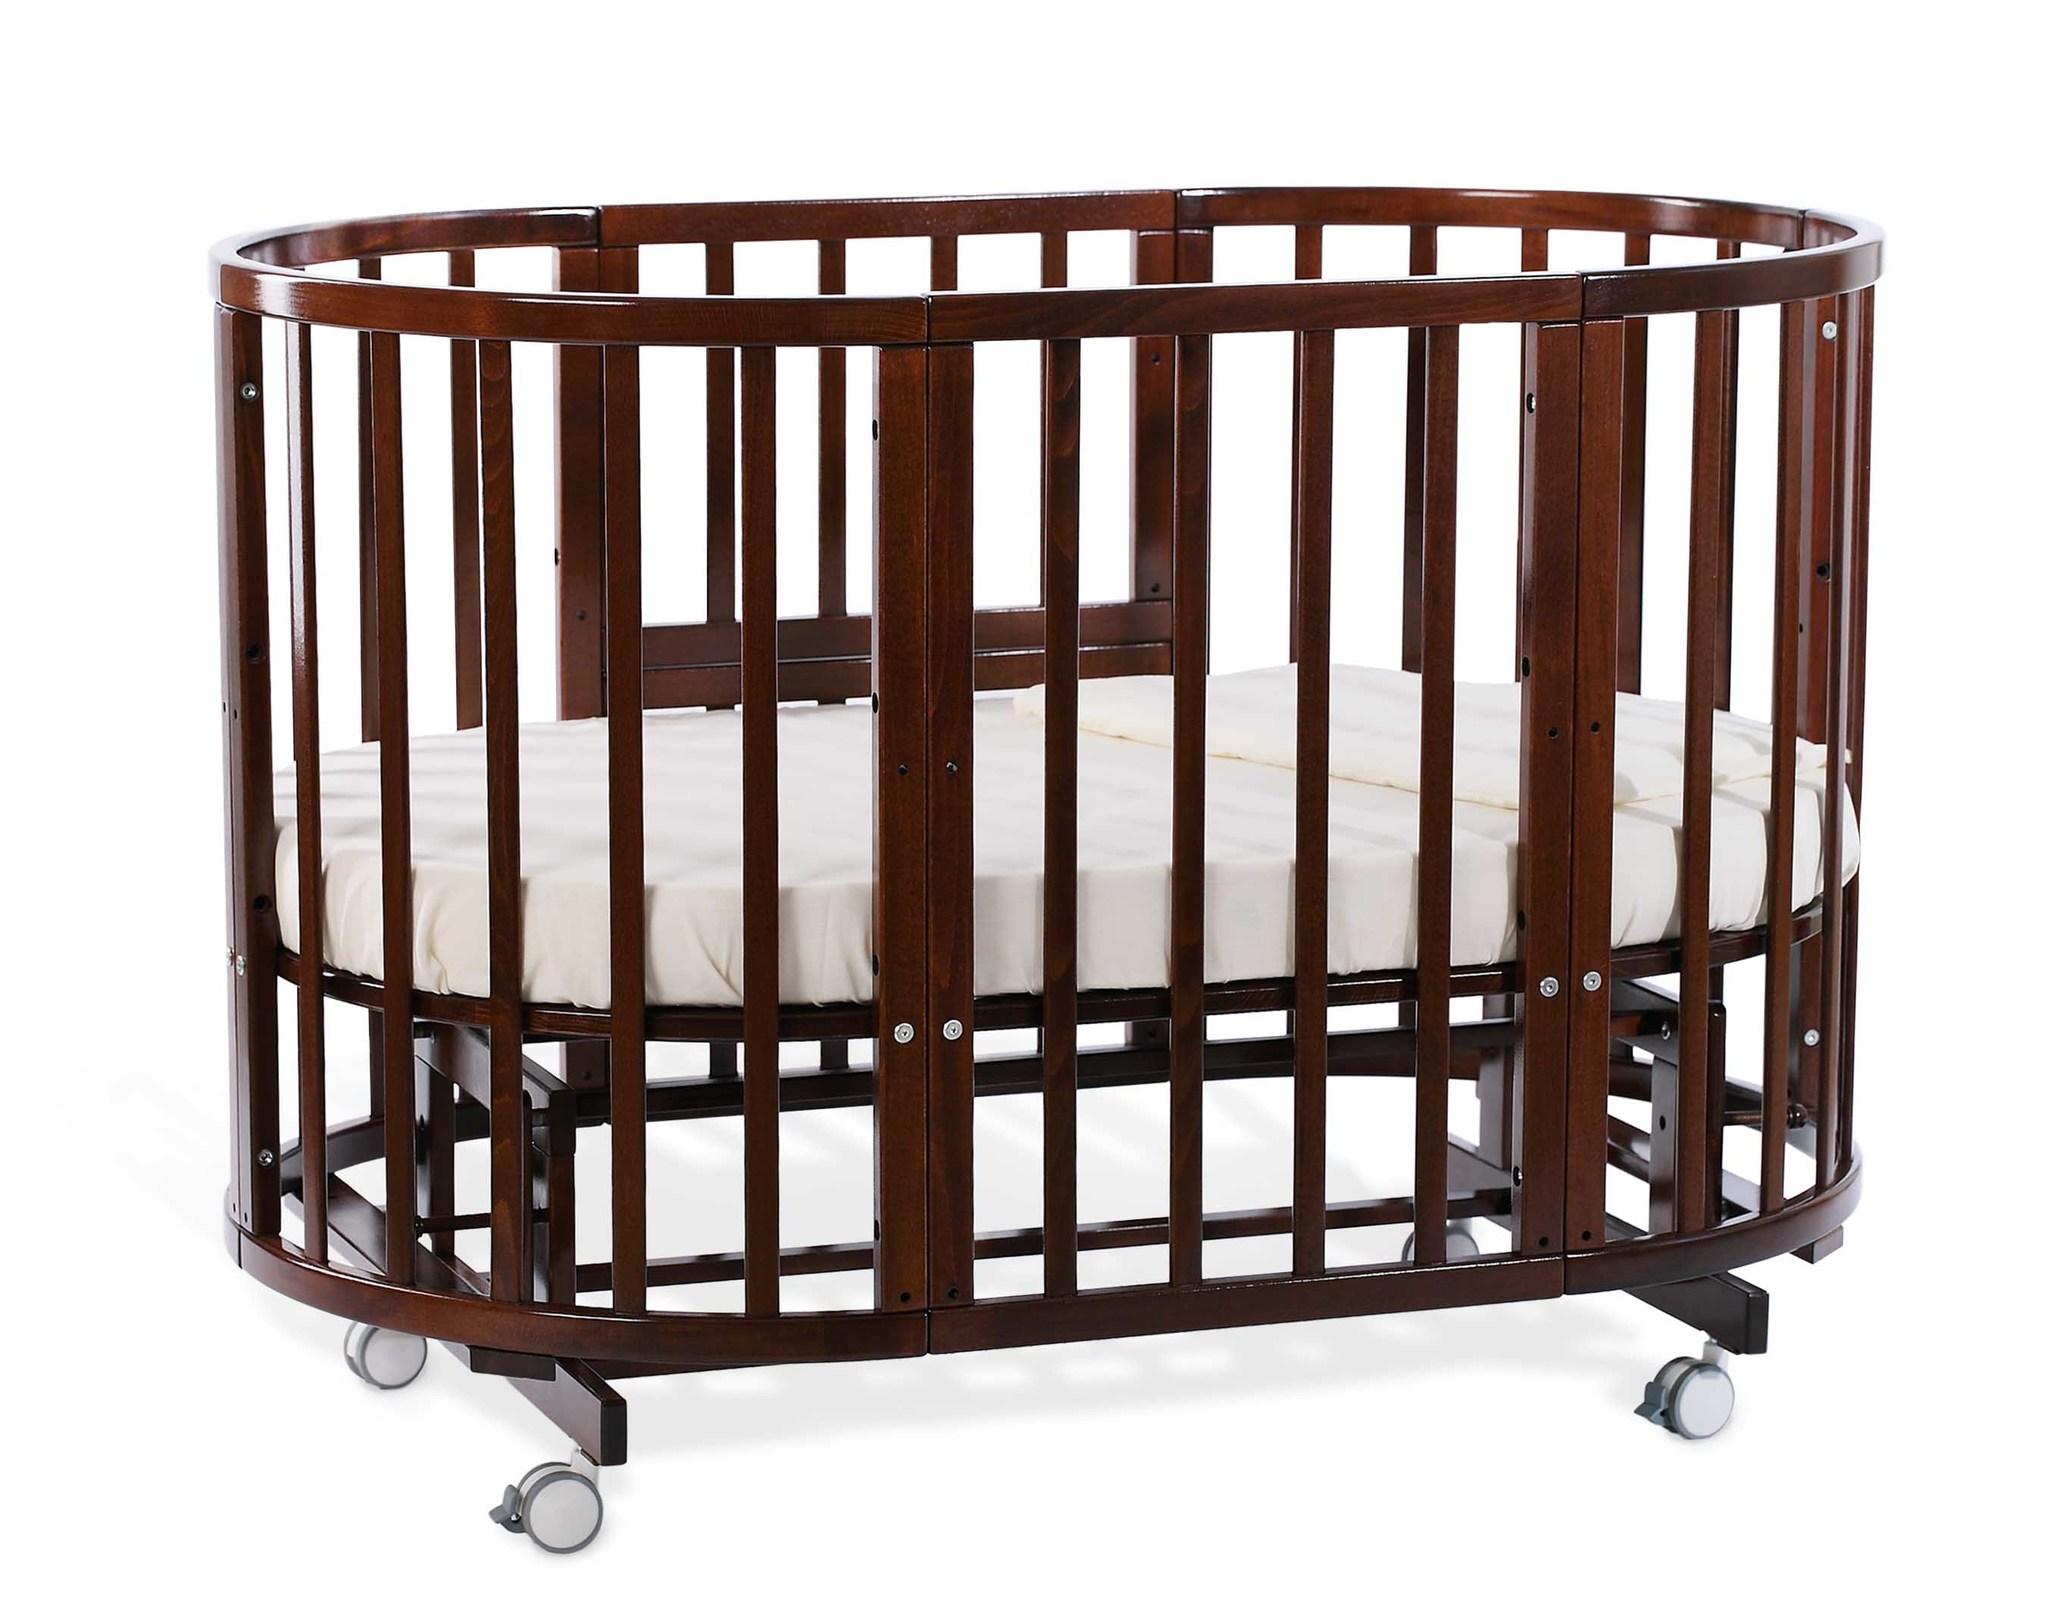 Кровать-трансформер Nido Magia, муссонДетские кровати и мягкая мебель<br>Кровать-трансформер Nido Magia, муссон<br>